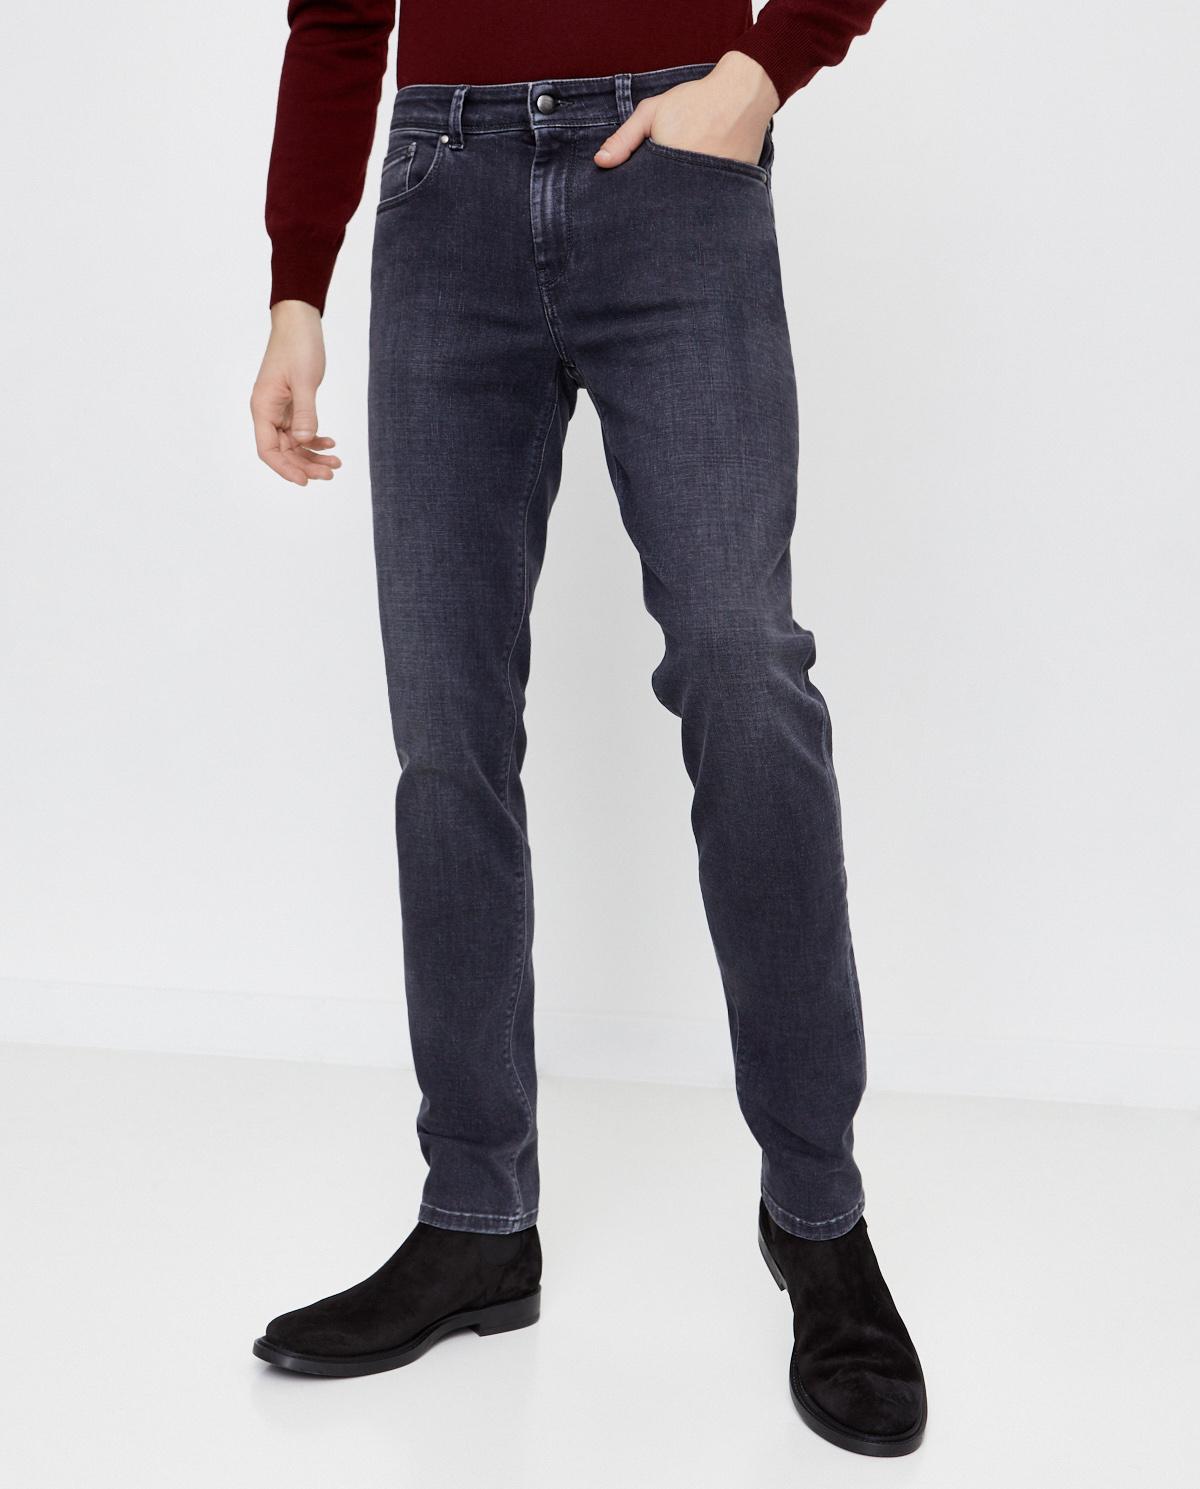 Szare jeansy ze średnim stanem Fay NTM8241197LPAFB600